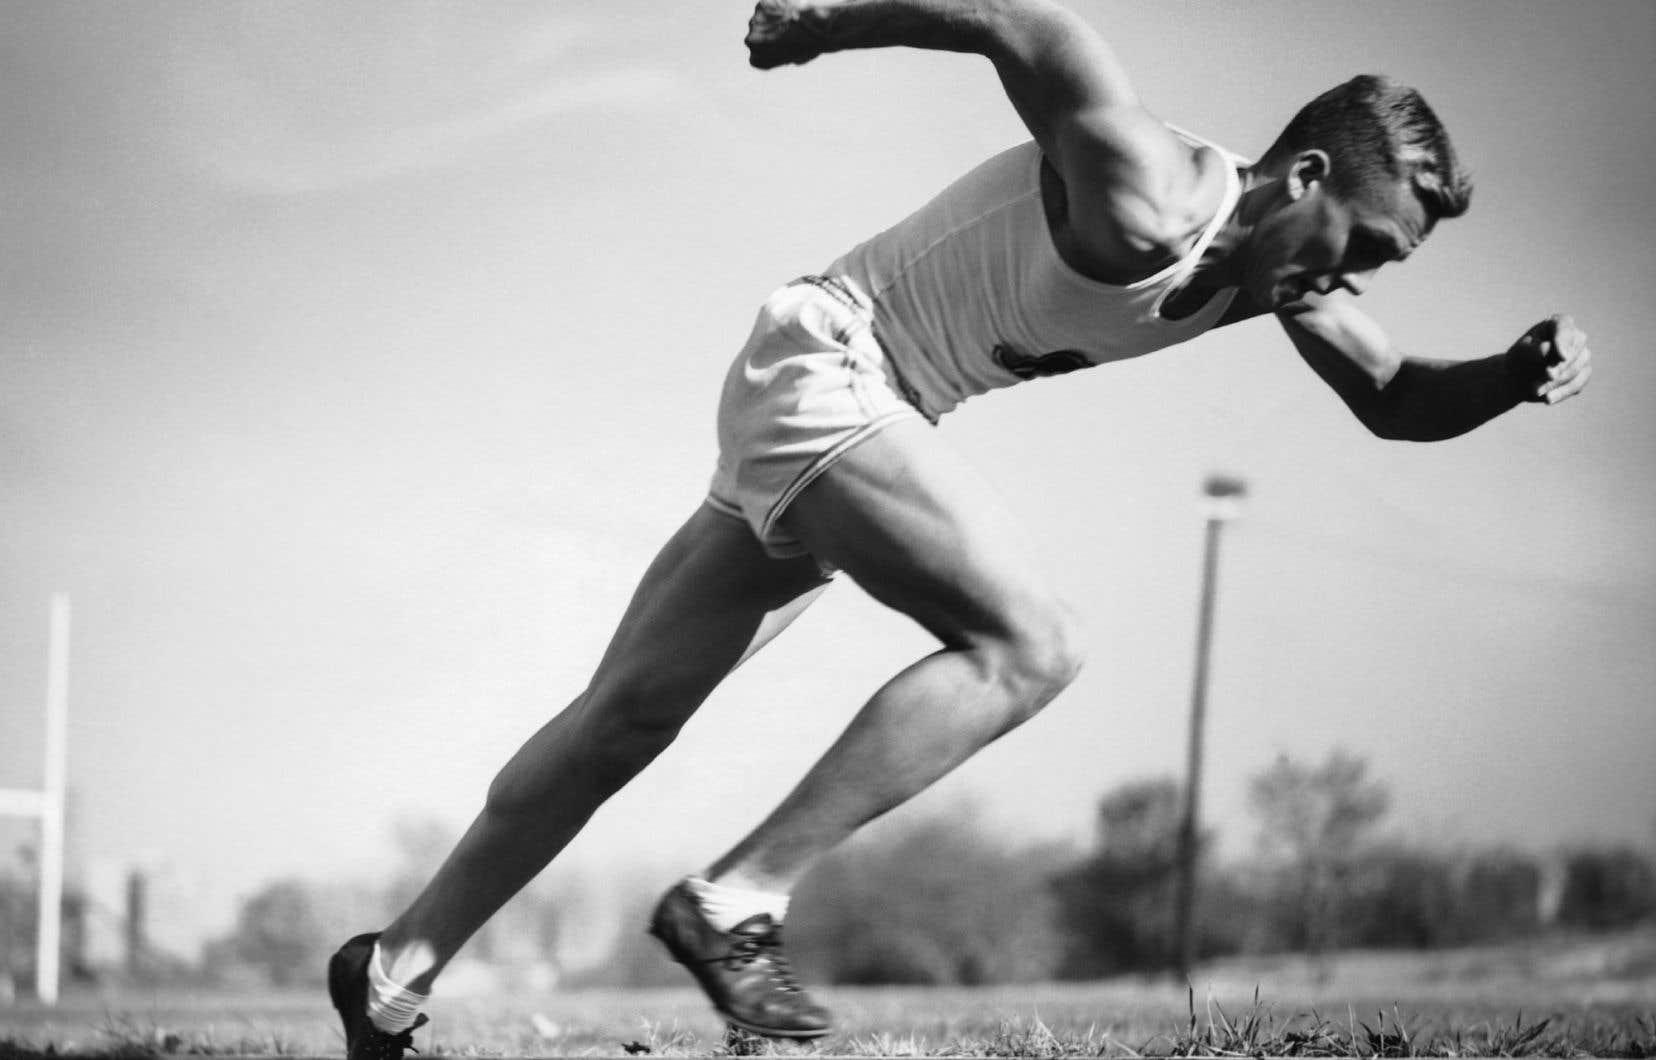 Dès la fin du XIXesiècle, l'arsenal de dopage des sportifs inclut la cocaïne et l'héroïne, les deux substances pouvant être associées — on parle aujourd'hui de «speedball».